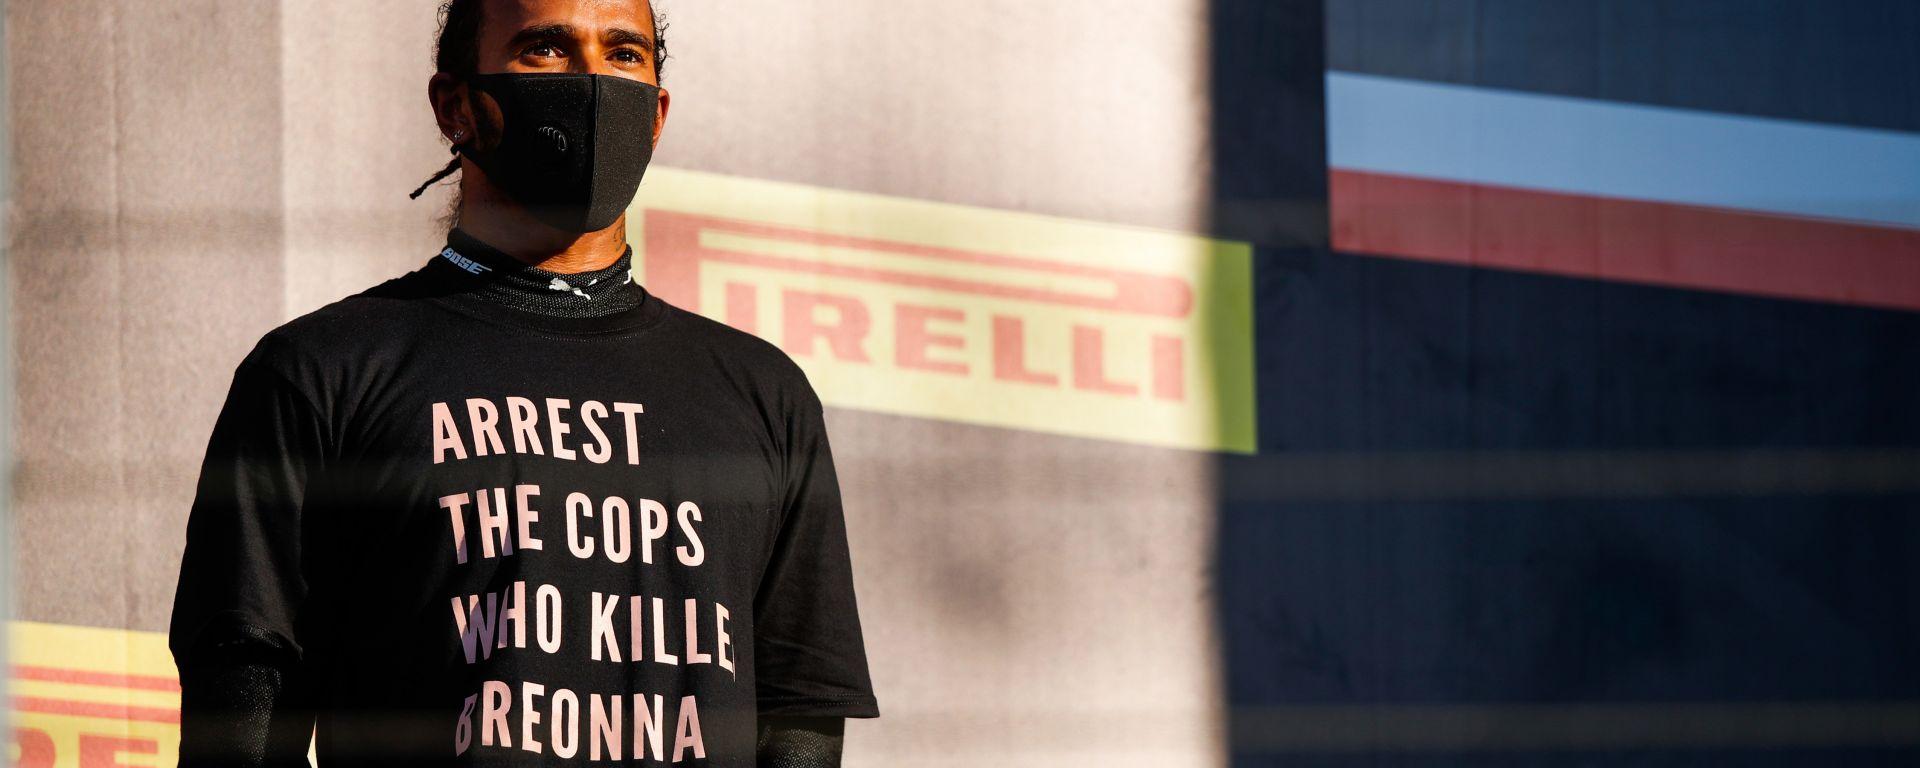 F1, GP Toscana: Lewis Hamilton (Mercedes) sul podio con la maglietta che chiede l'arresto dei poliziotti coinvolti nel caso di B